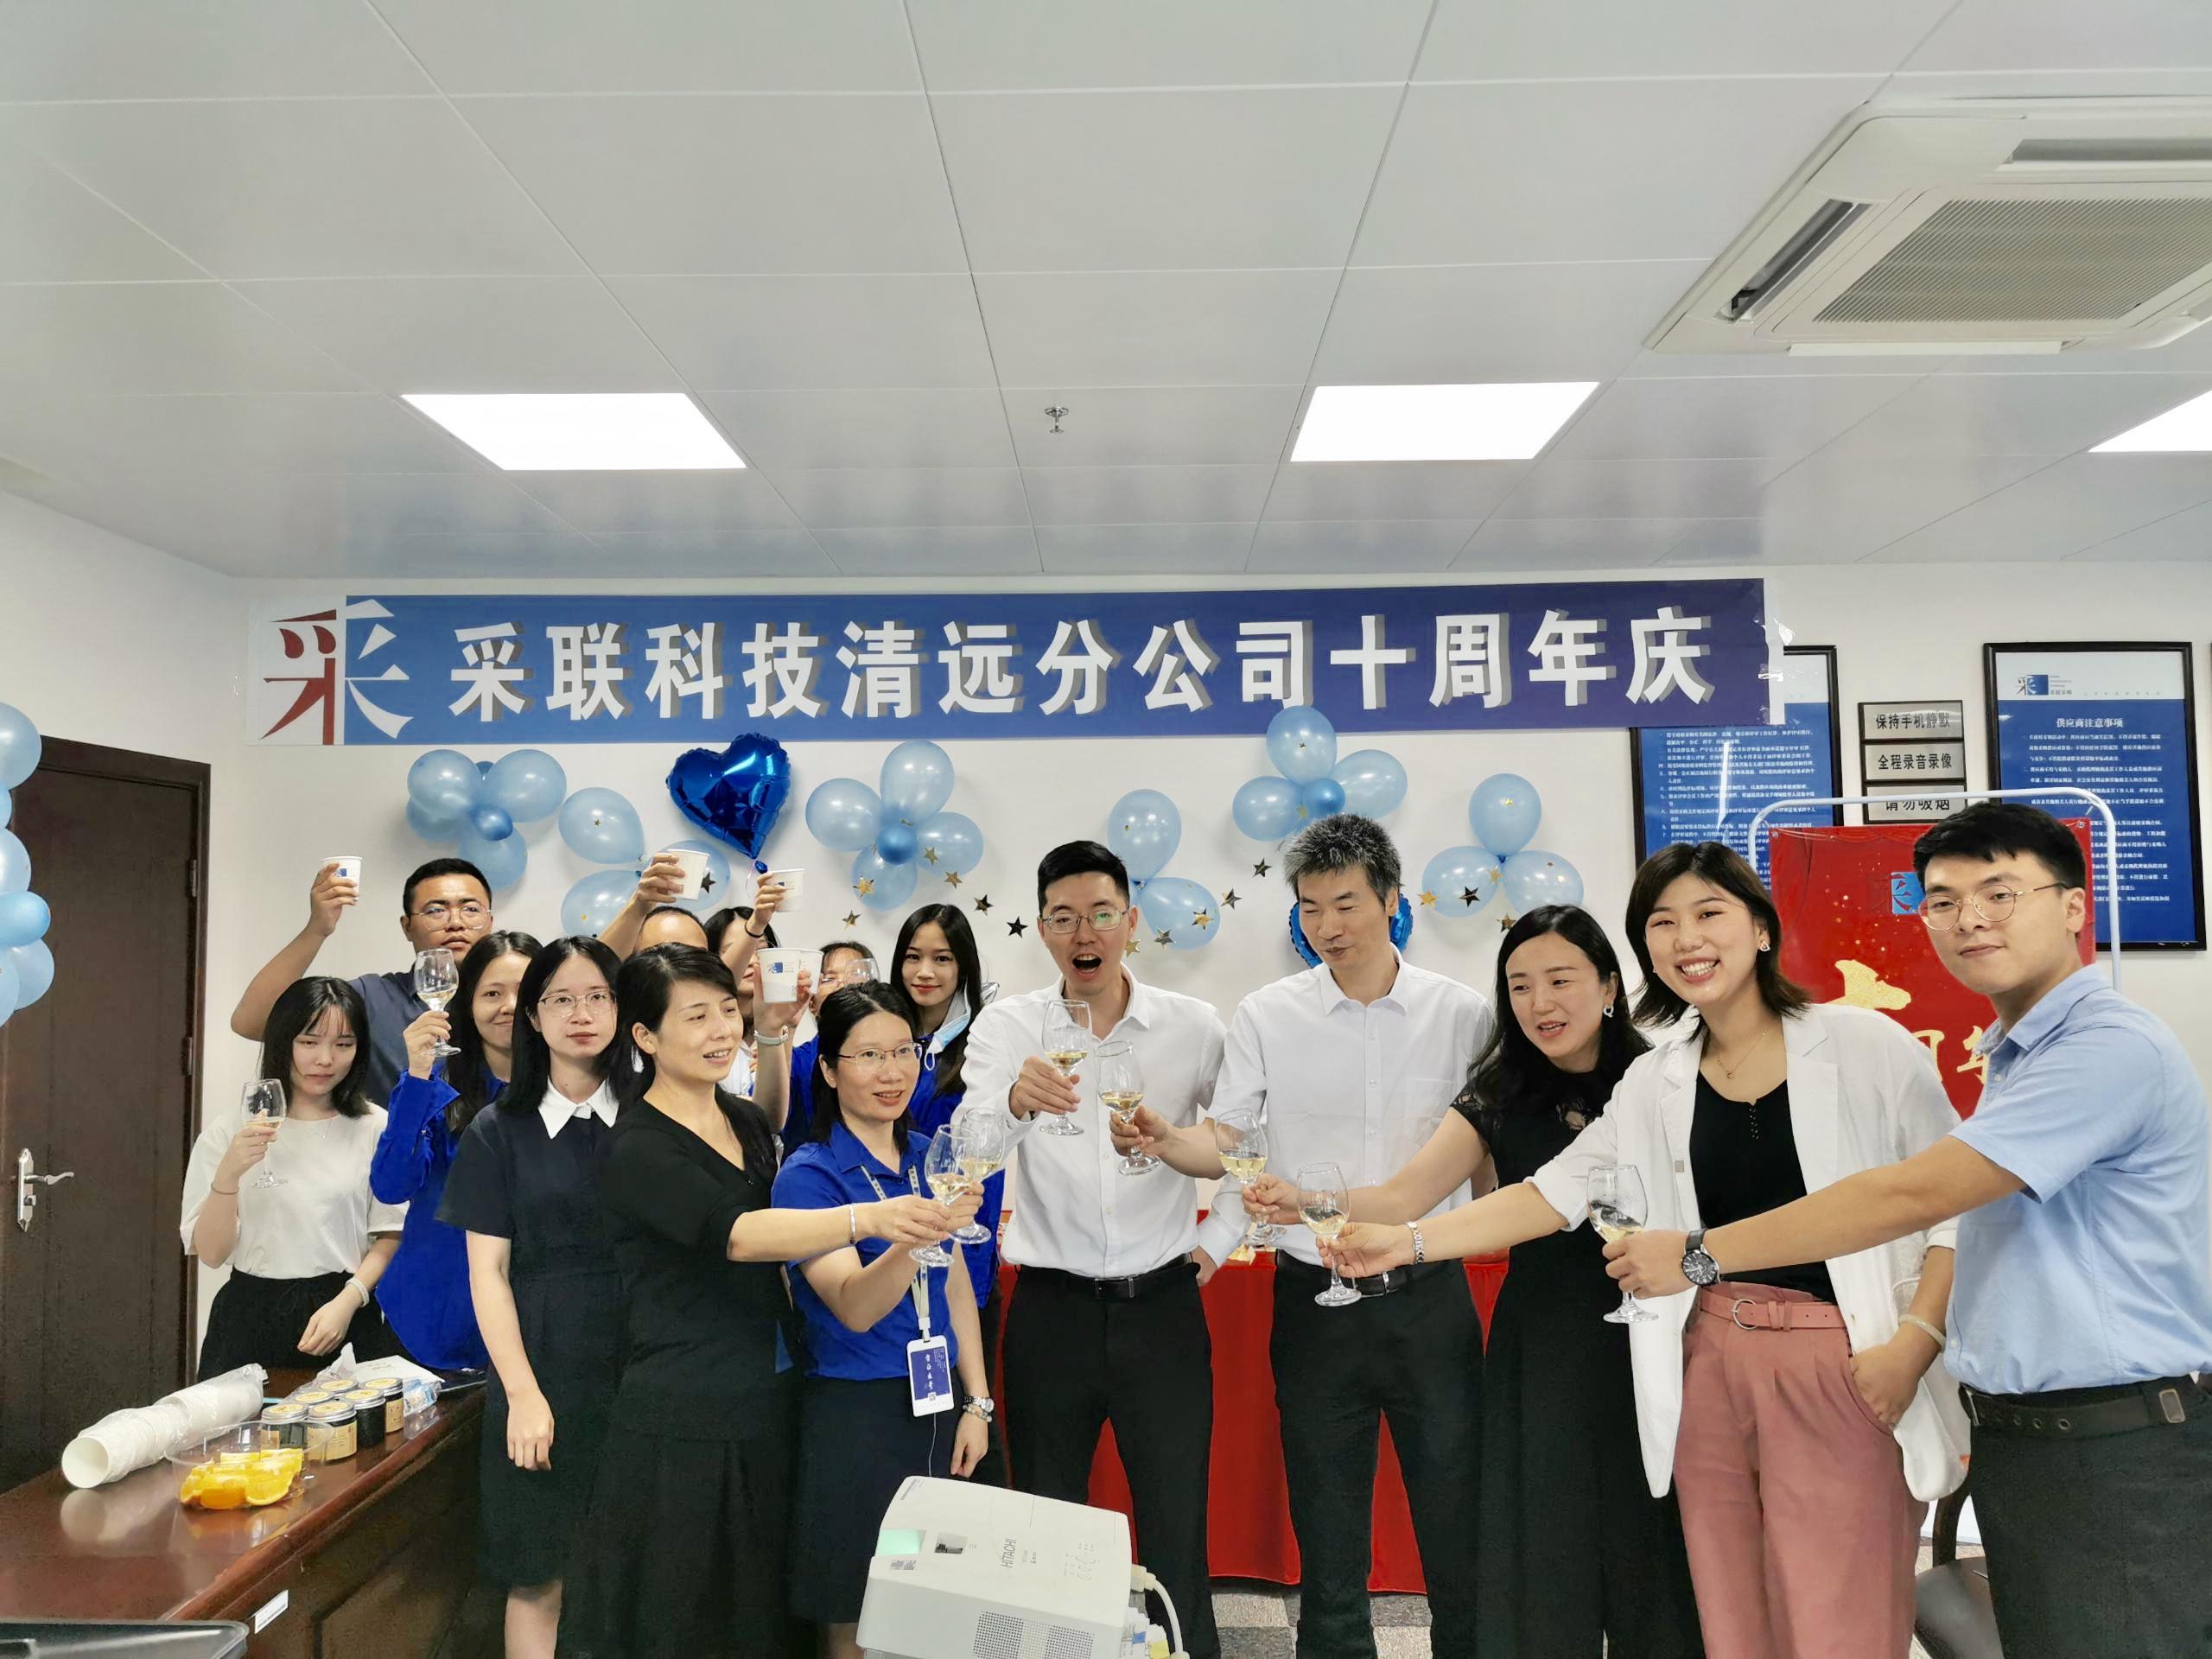 清远公司成立十周年庆典